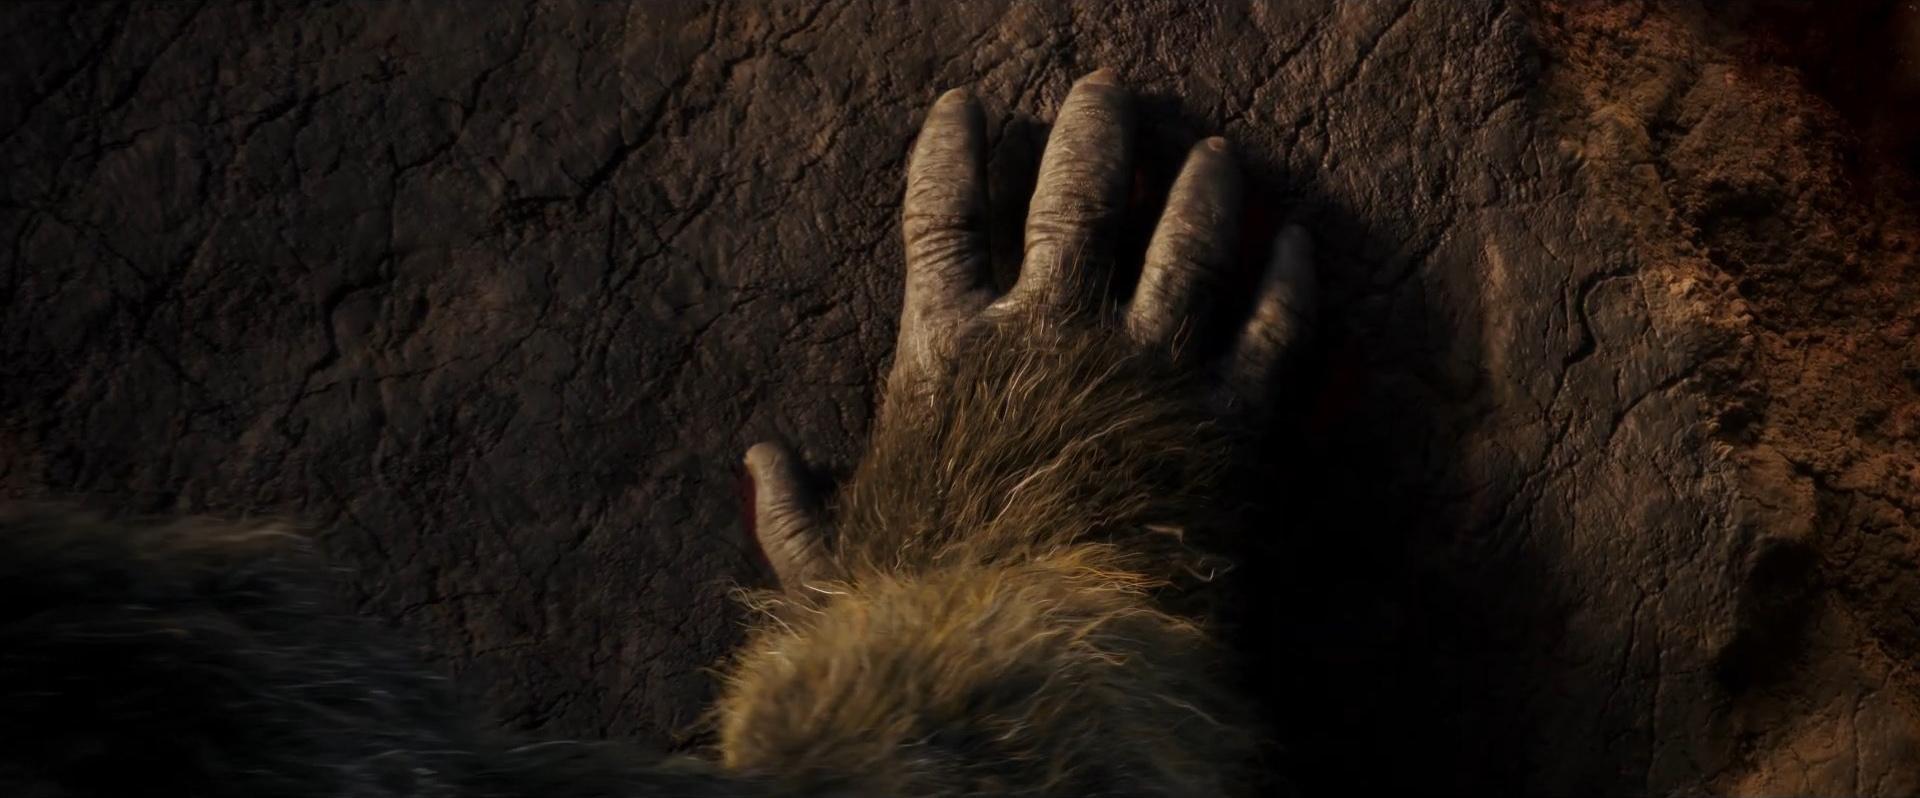 Godzilla vs Kong Trailer Still 63